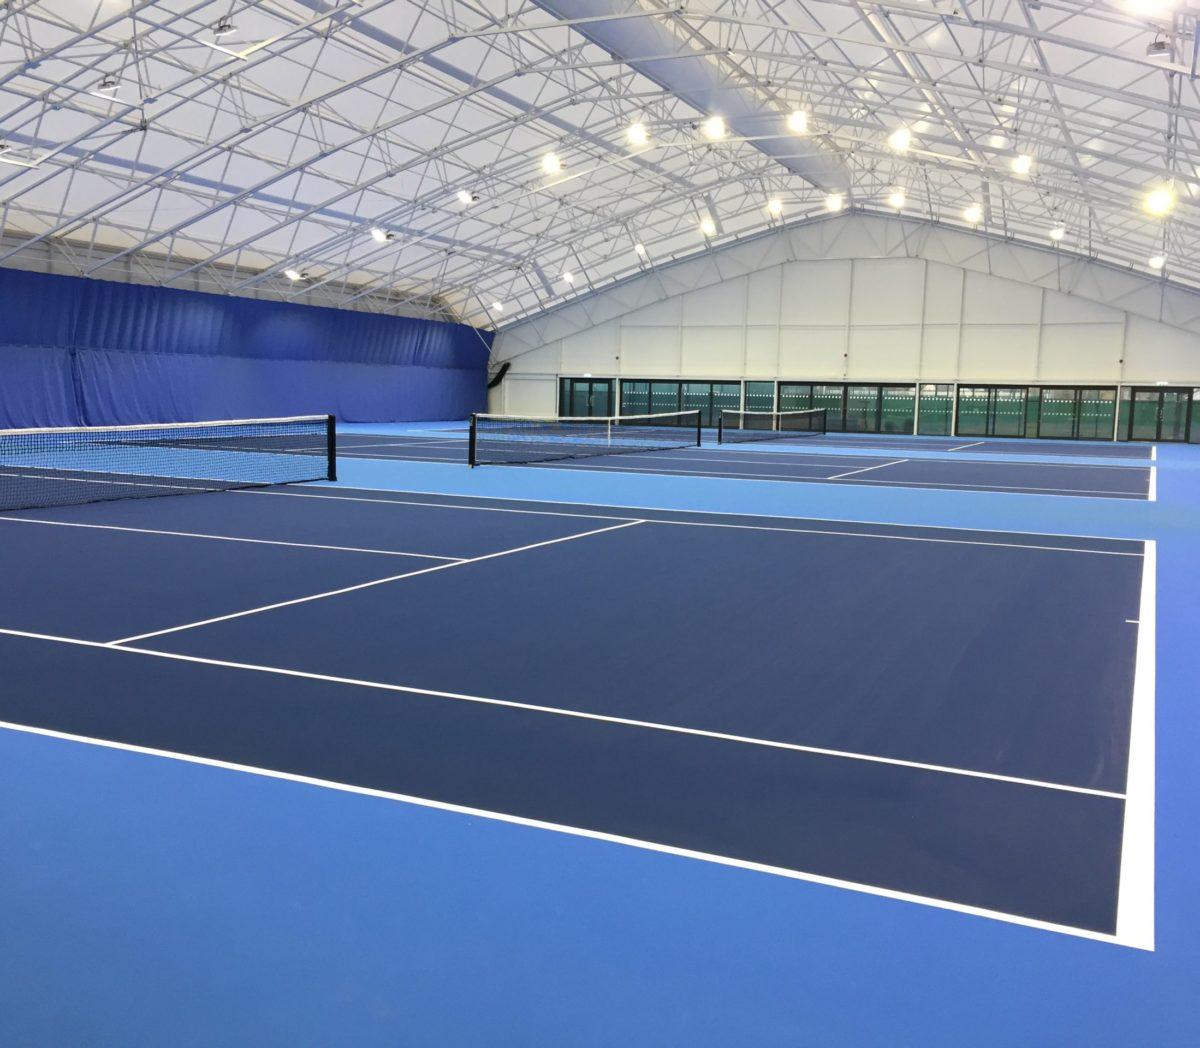 Roehampton Tennis Club